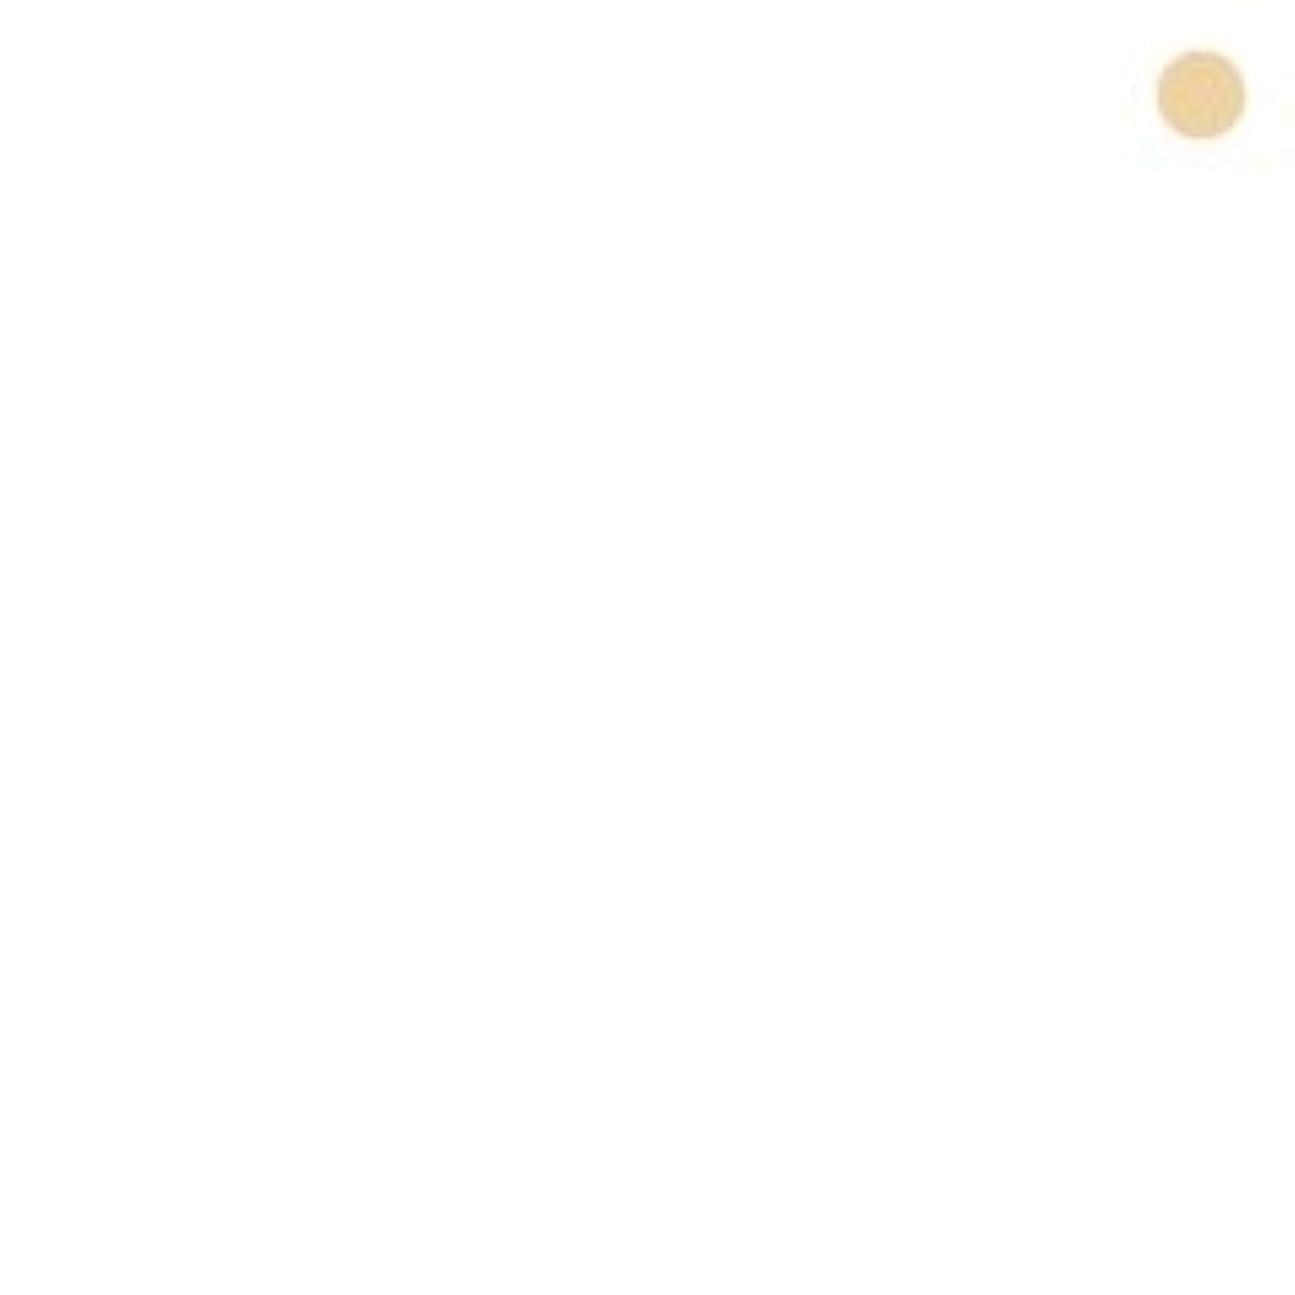 テラスおっとネックレット【カバーマーク】ジャスミーカラー パウダリーファンデーション #YP10 (レフィル)